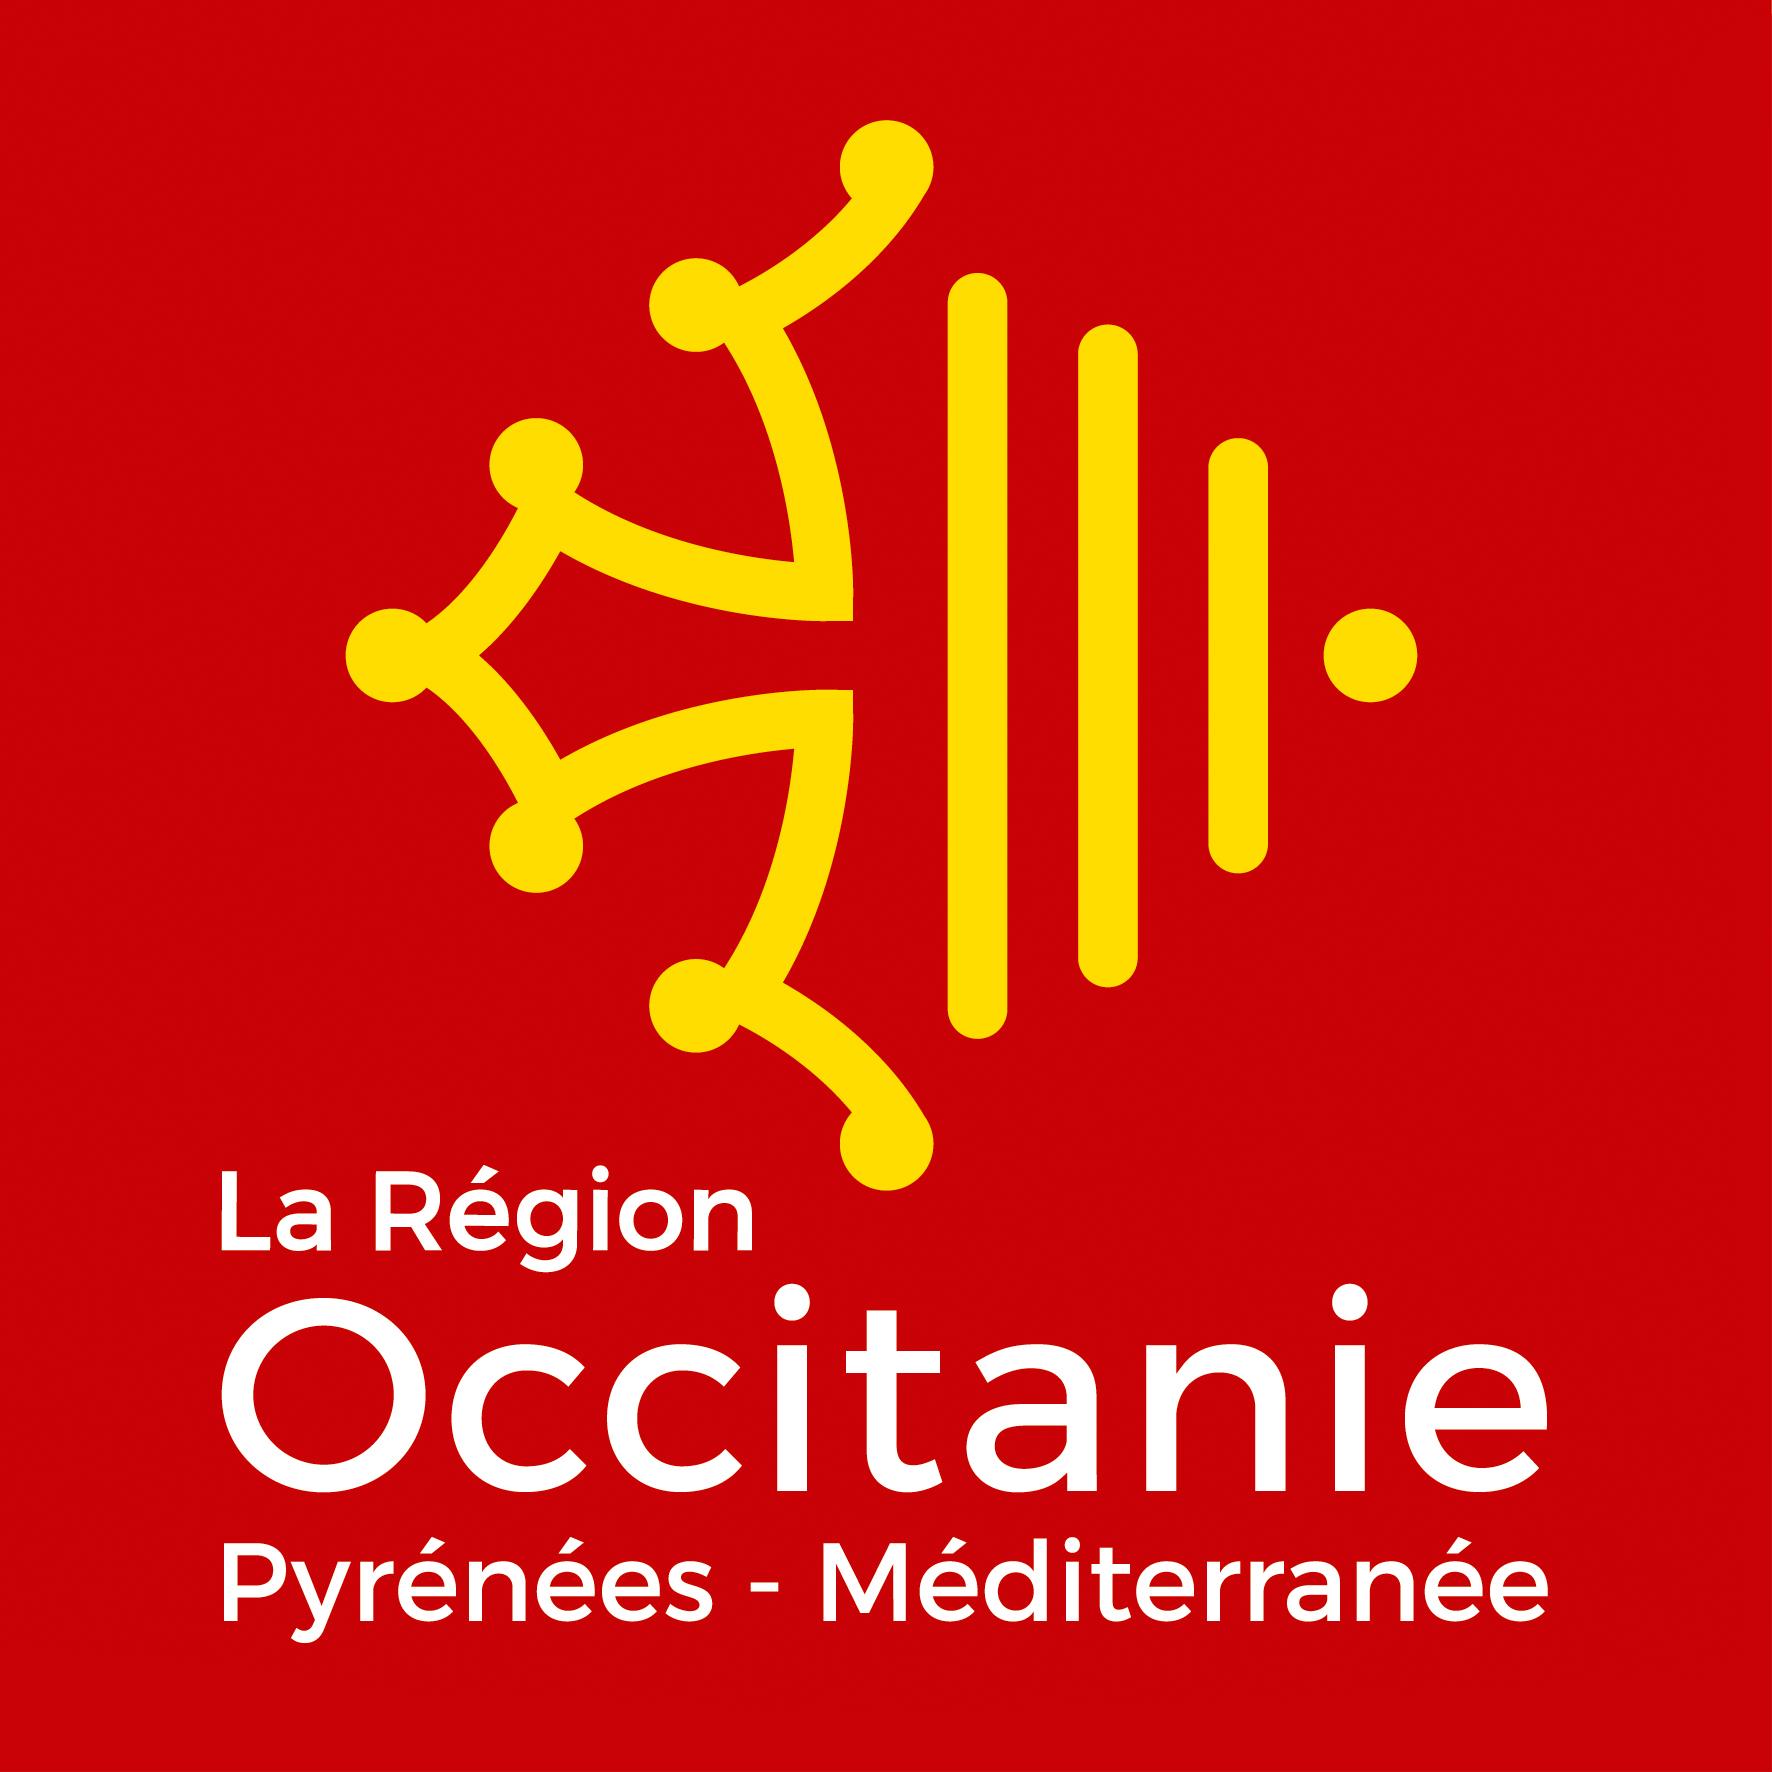 Région Occitanie / Pyrénées - Méditerranée